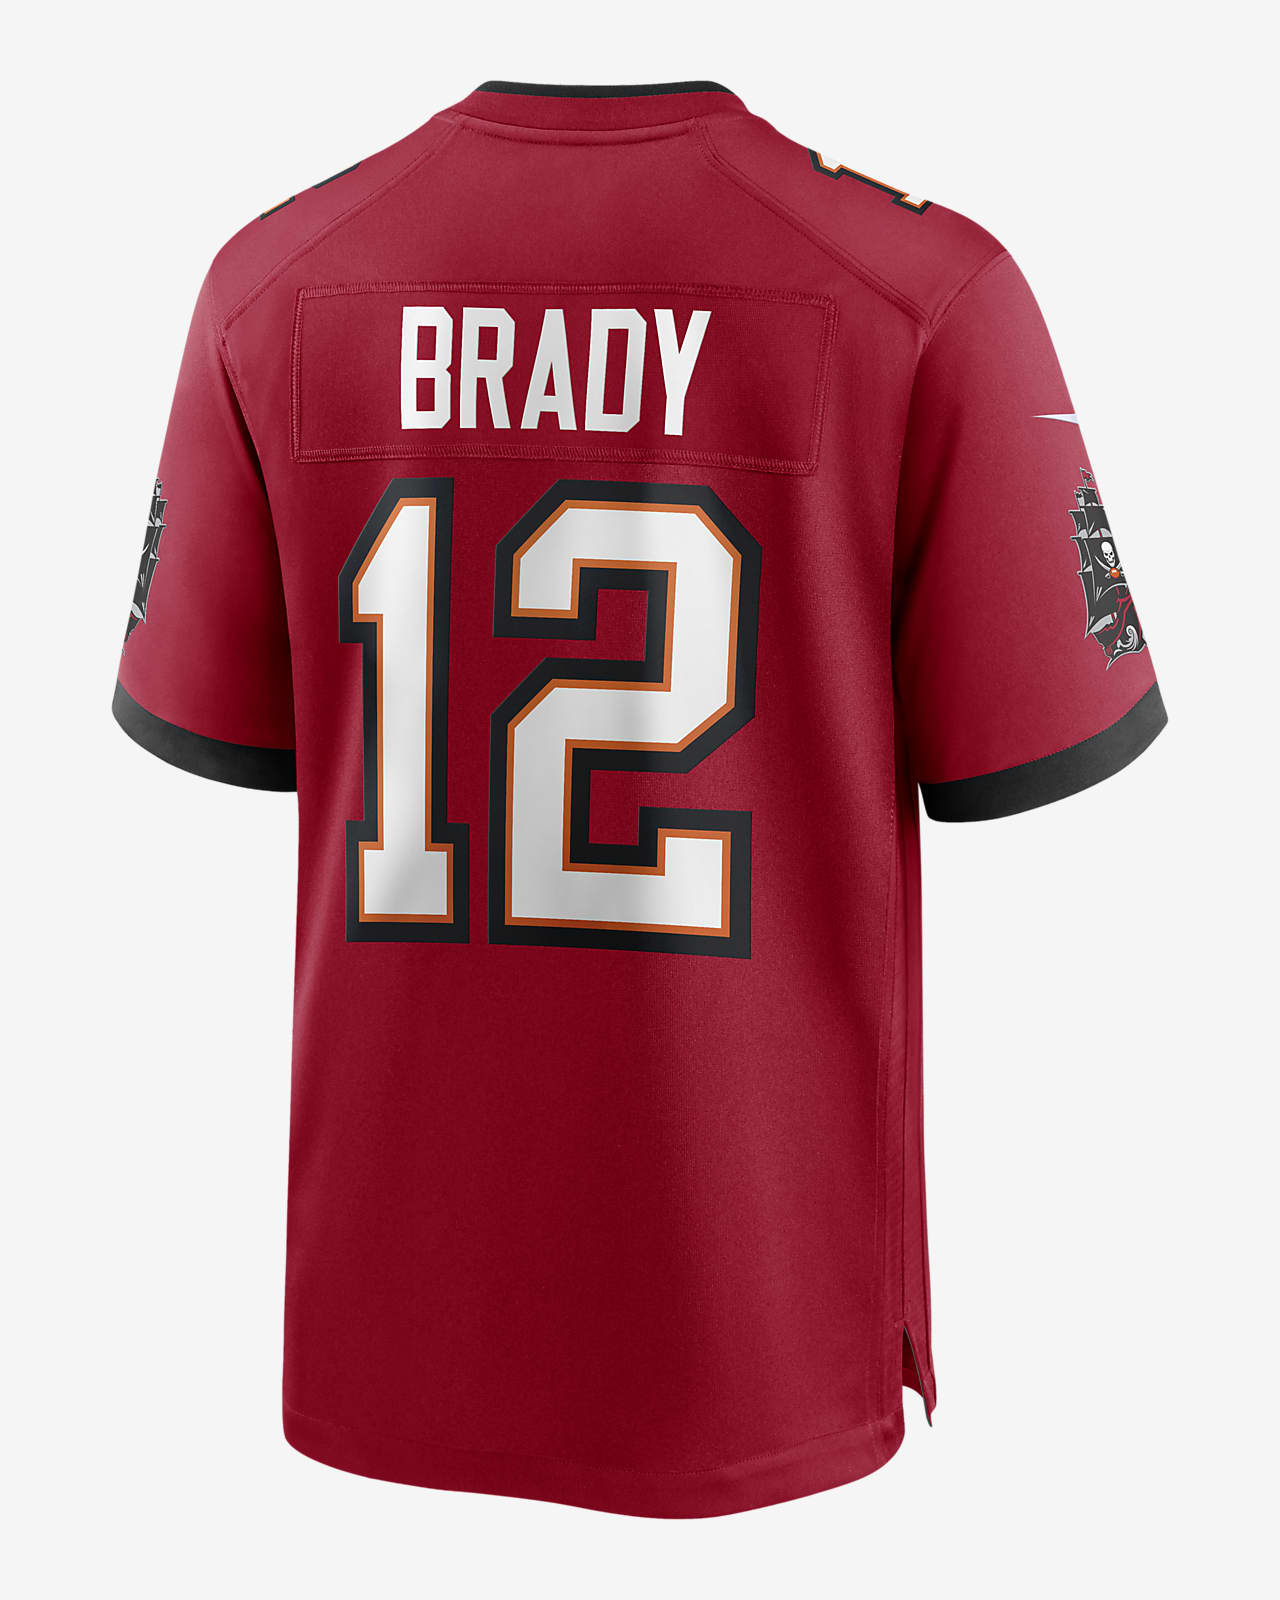 Jersey de fútbol americano Game para hombre NFL Tampa Bay Buccaneers Super Bowl LV (Tom Brady)